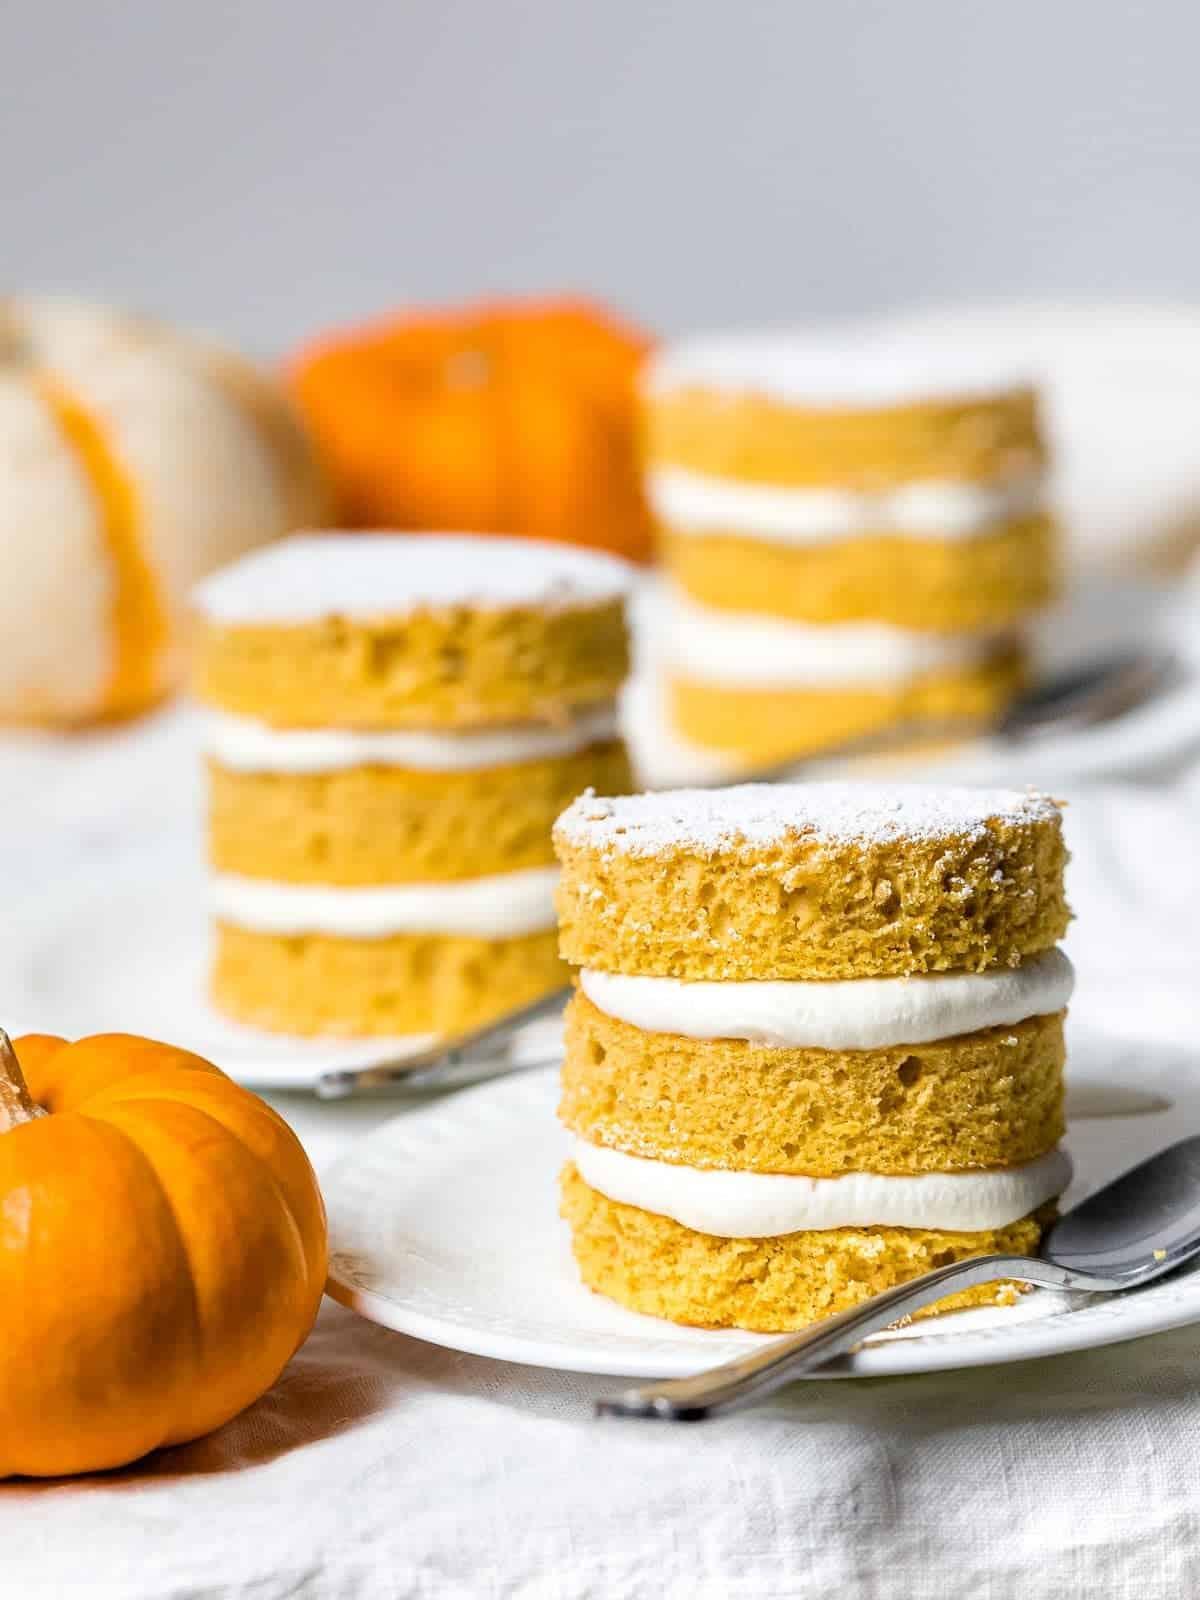 Mini pumpkin layer cakes on white plates.